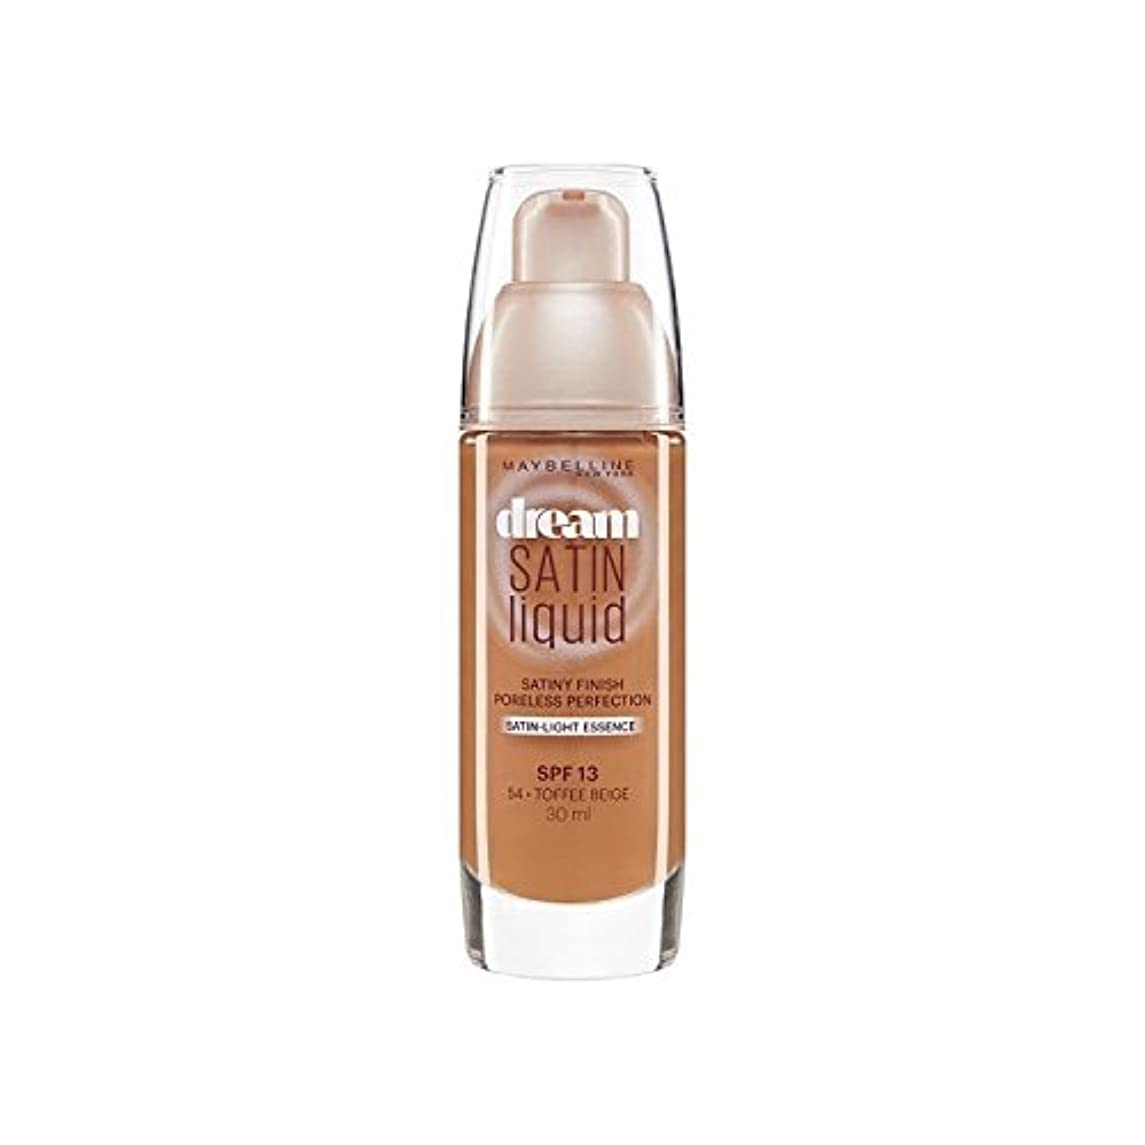 記事ドナウ川絶妙メイベリン夢サテンリキッドファンデーション54タフィー30ミリリットル x4 - Maybelline Dream Satin Liquid Foundation 54 Toffee 30ml (Pack of 4) [並行輸入品]